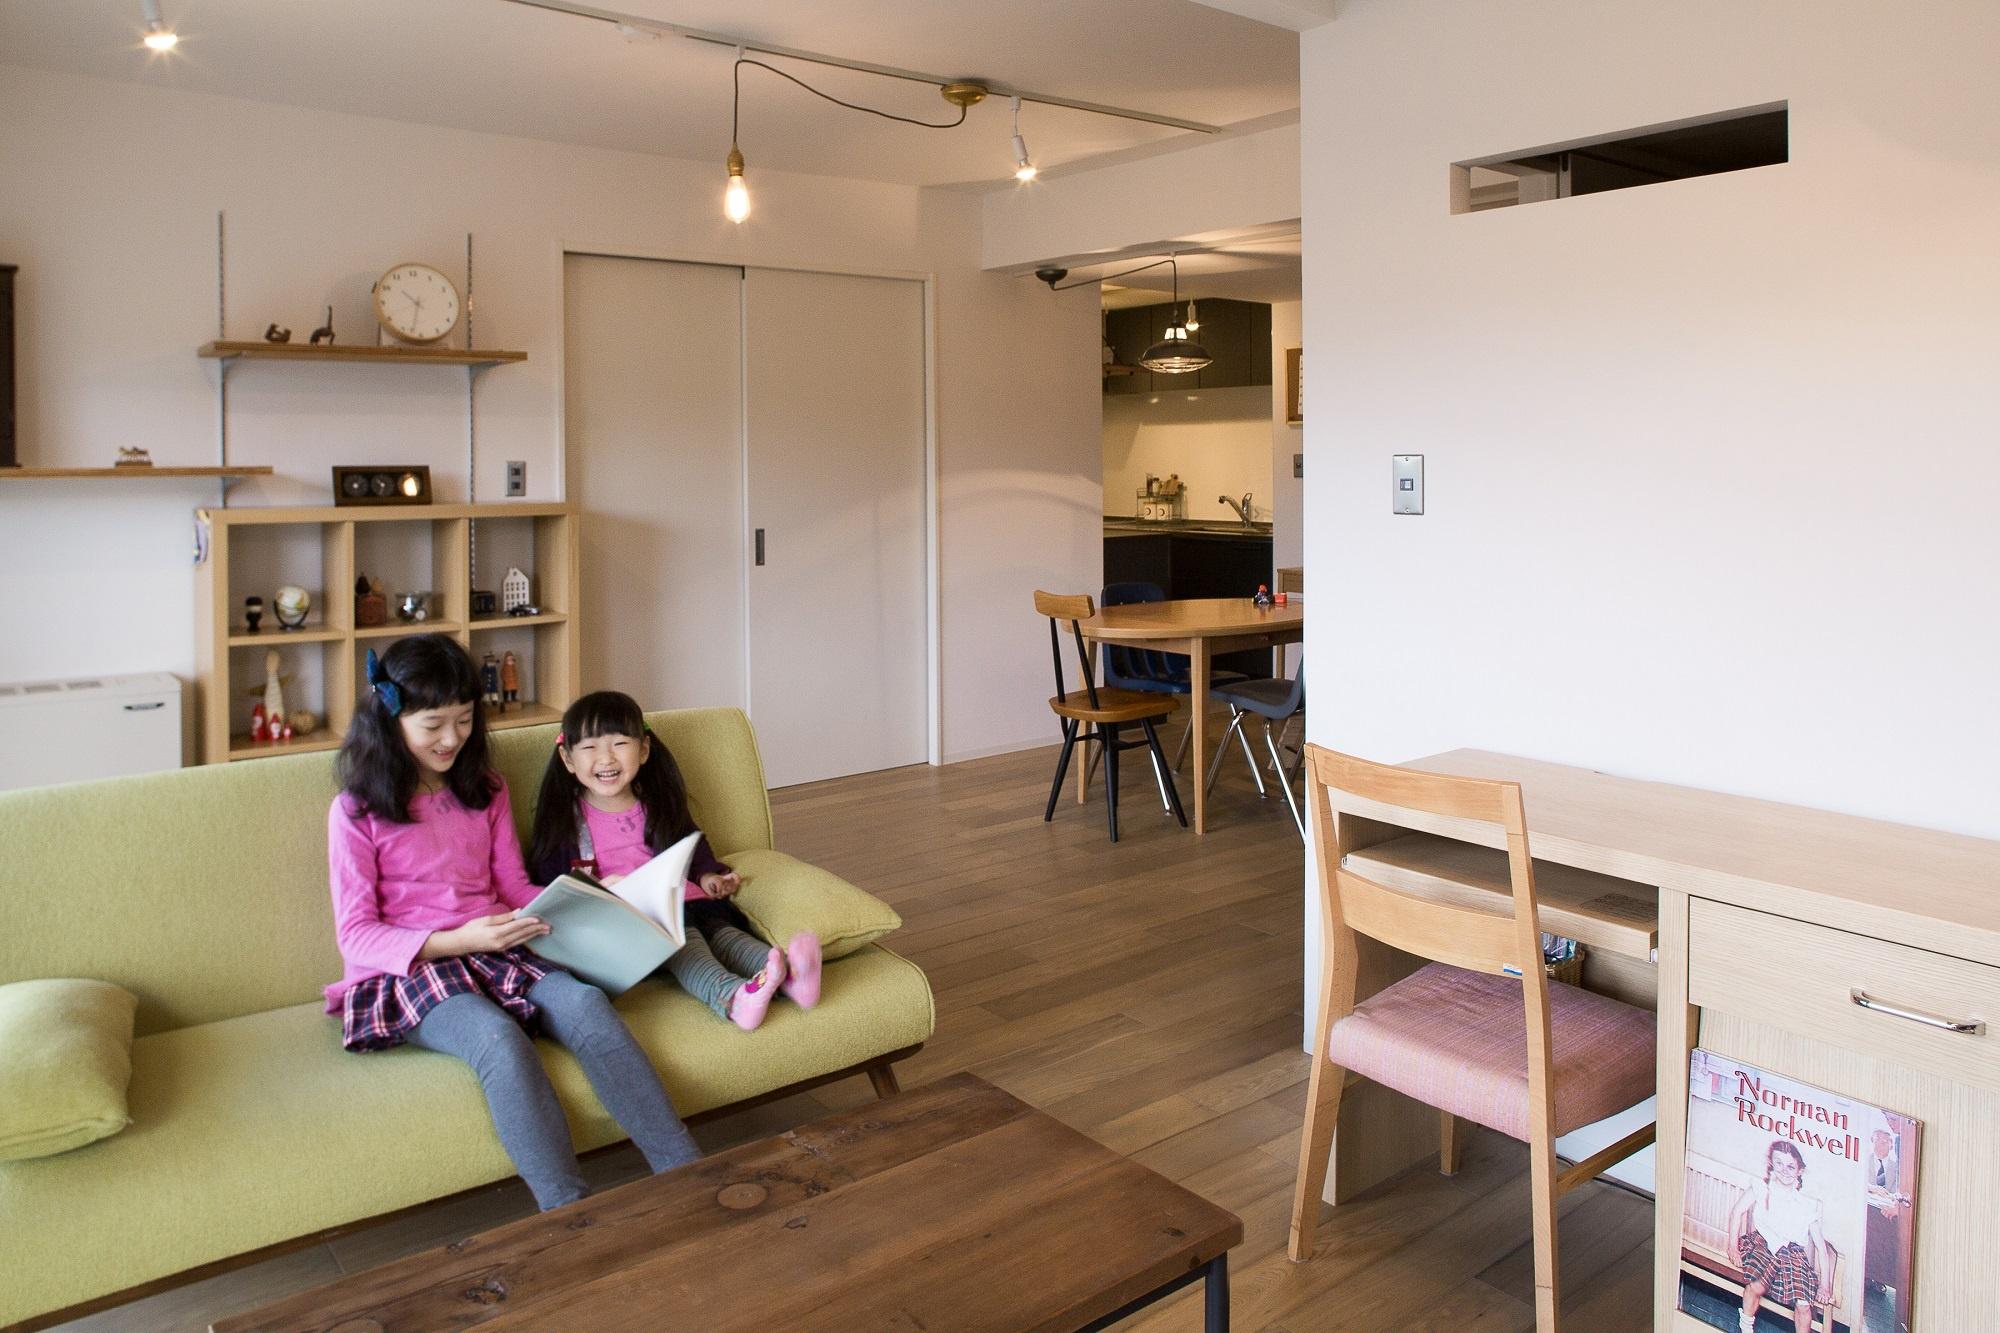 和室をなくして広げたリビングは、今後子供の成長に合わせ再度仕切って個室にする予定。将来は子供部屋も仕切り、親子4人分の個室設置を想定した未来を見据えたプランです